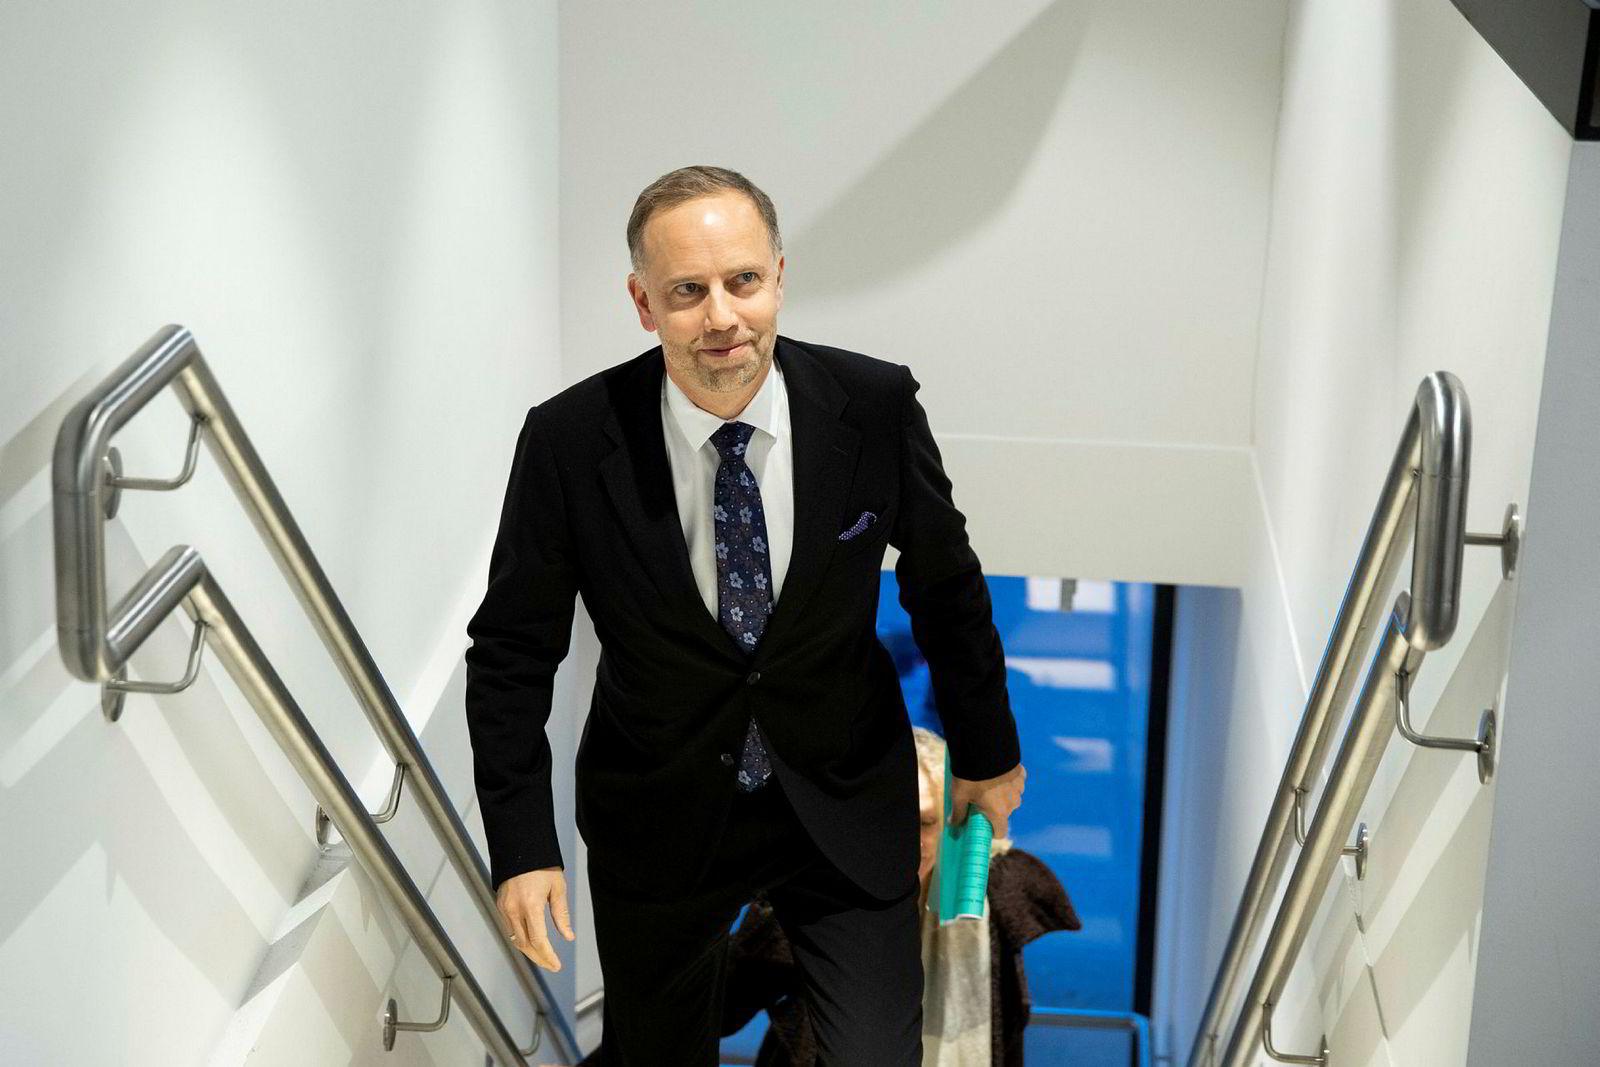 Administrerende direktør i Eiendom Norge, Christian Vammervold Dreyer, mener det kan være lurt å selge på vinteren.